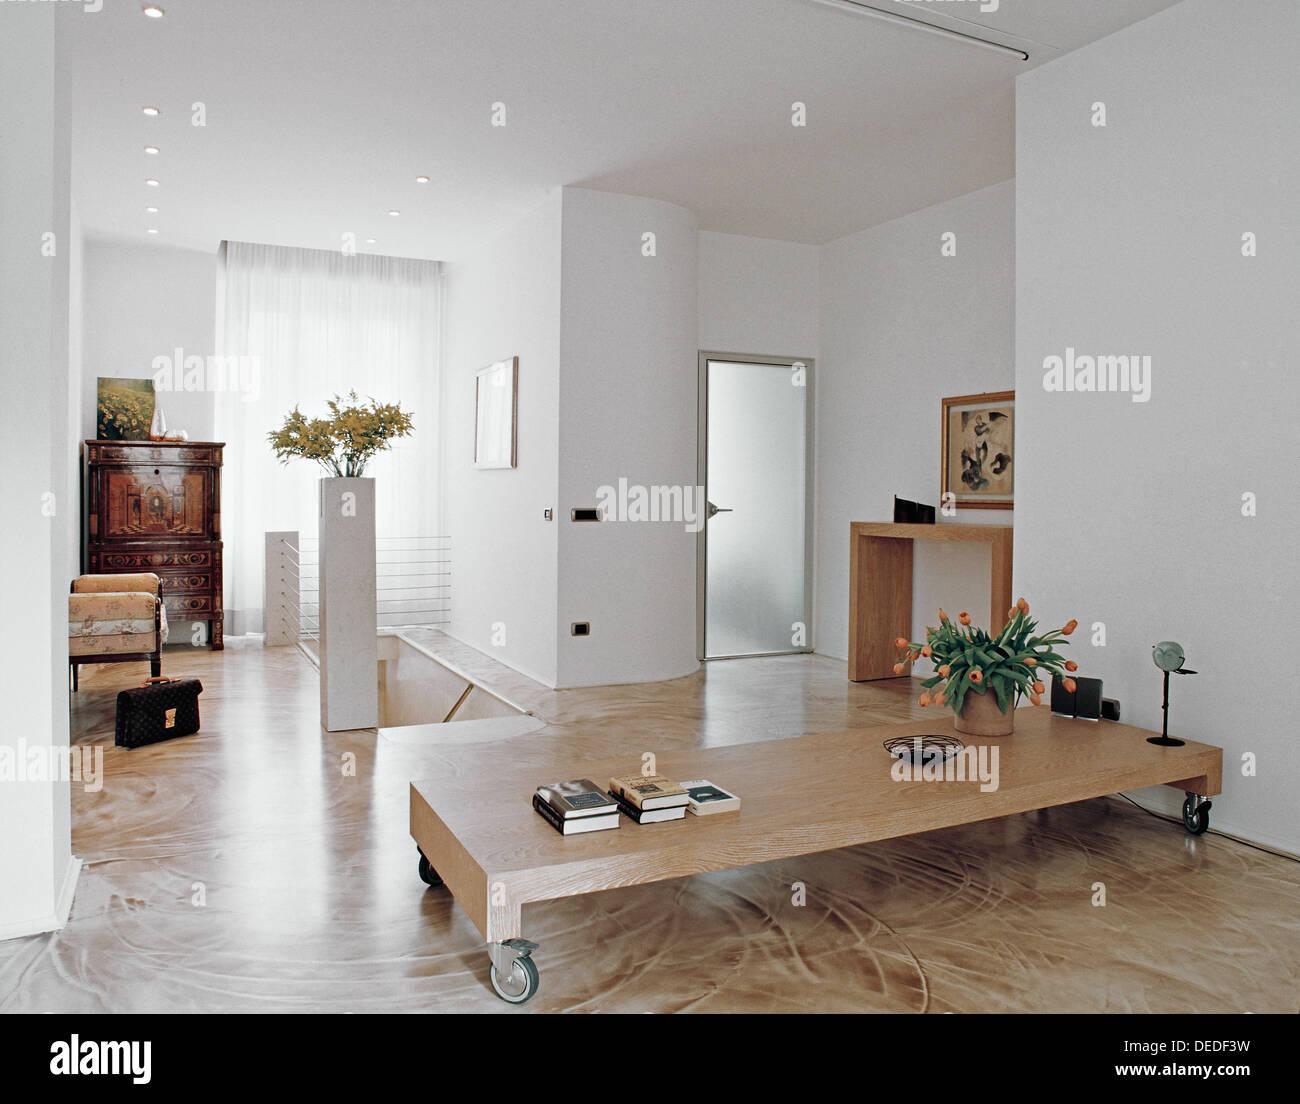 Salon Moderne Avec Des Meubles Anciens Et De Resine Marbre